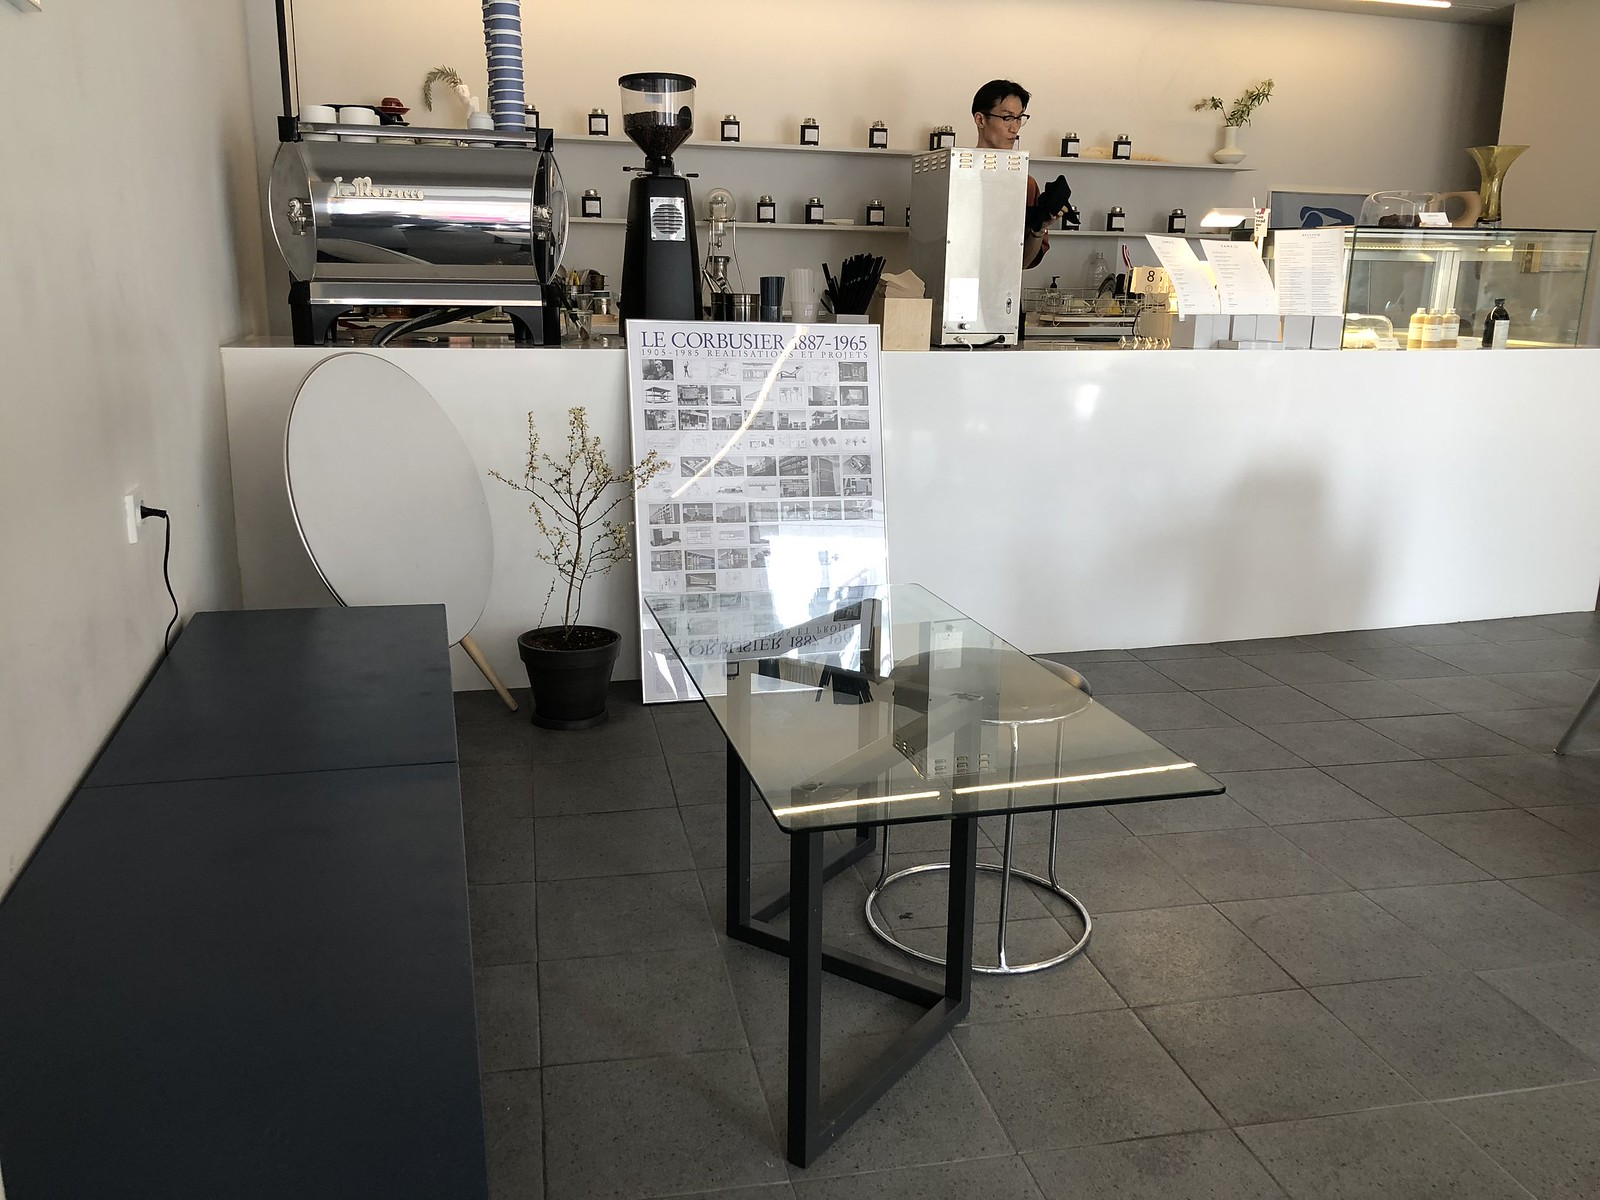 카페 세임의 에스프레소 머신과 카운터